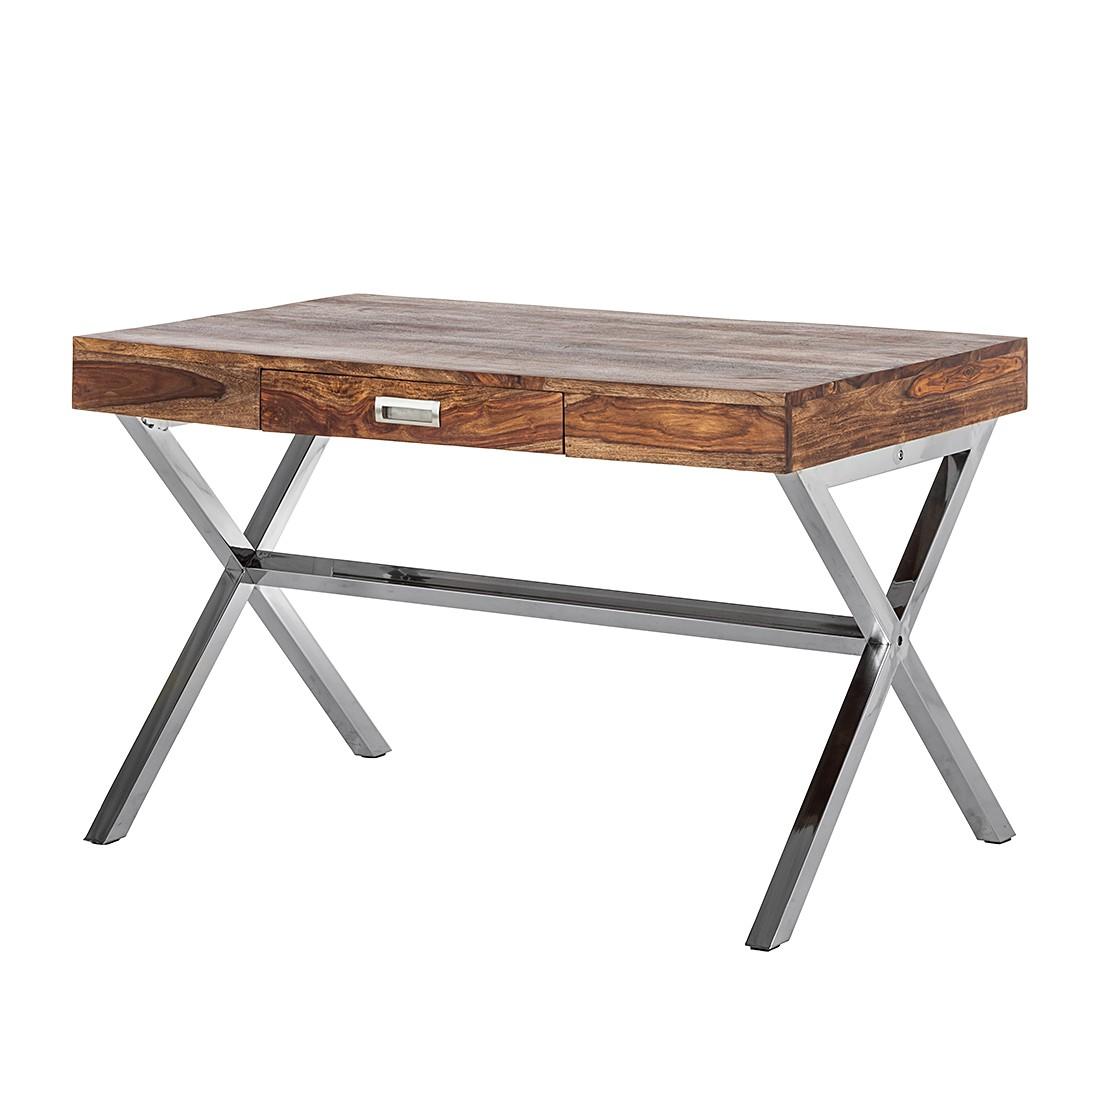 Schreibtischplatte massivholz  Rollcontainer Schreibtisch Massivholz Preisvergleich • Die besten ...